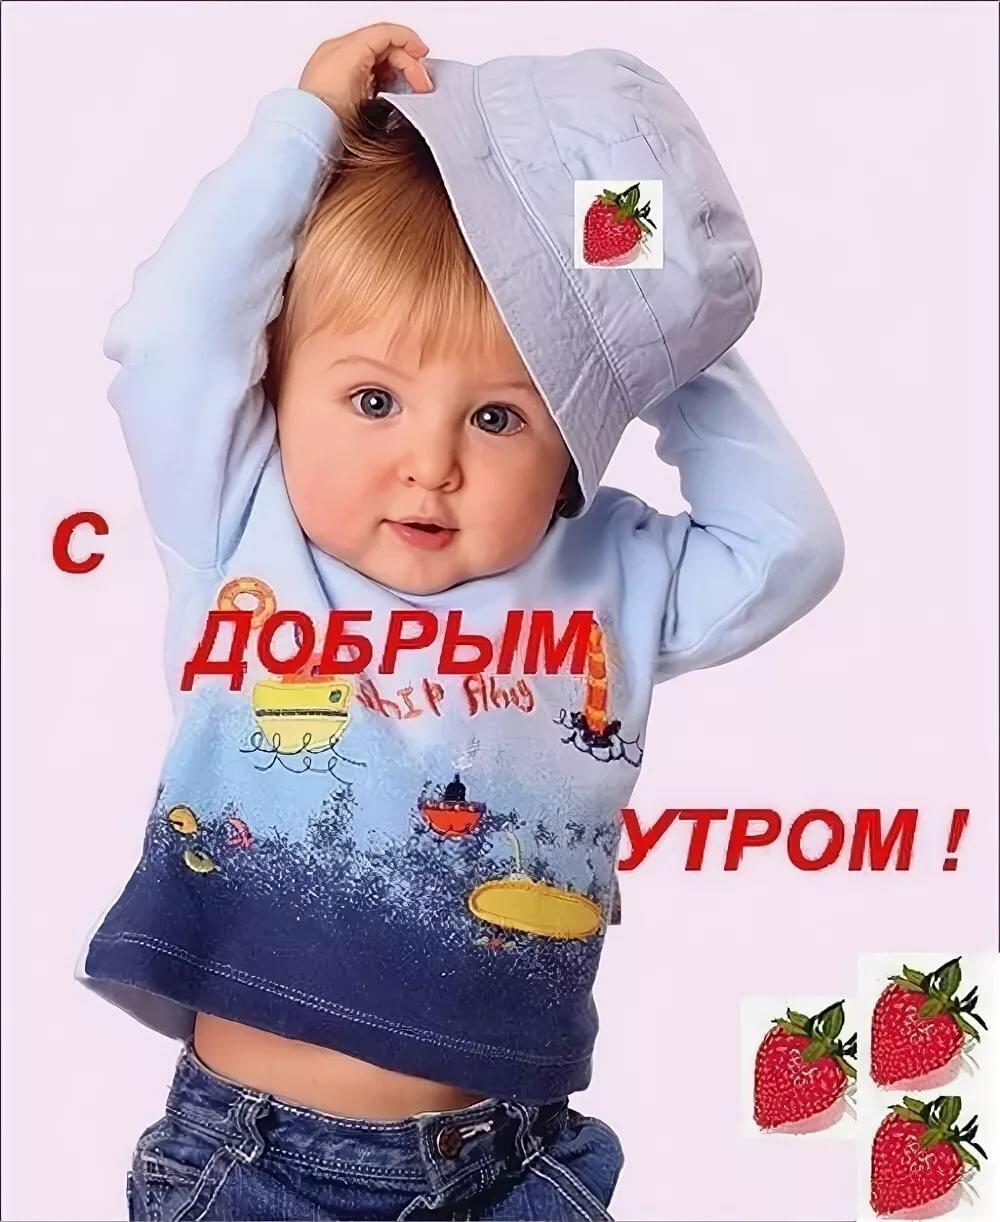 отправить прикольная картинка доброе утро детка должен